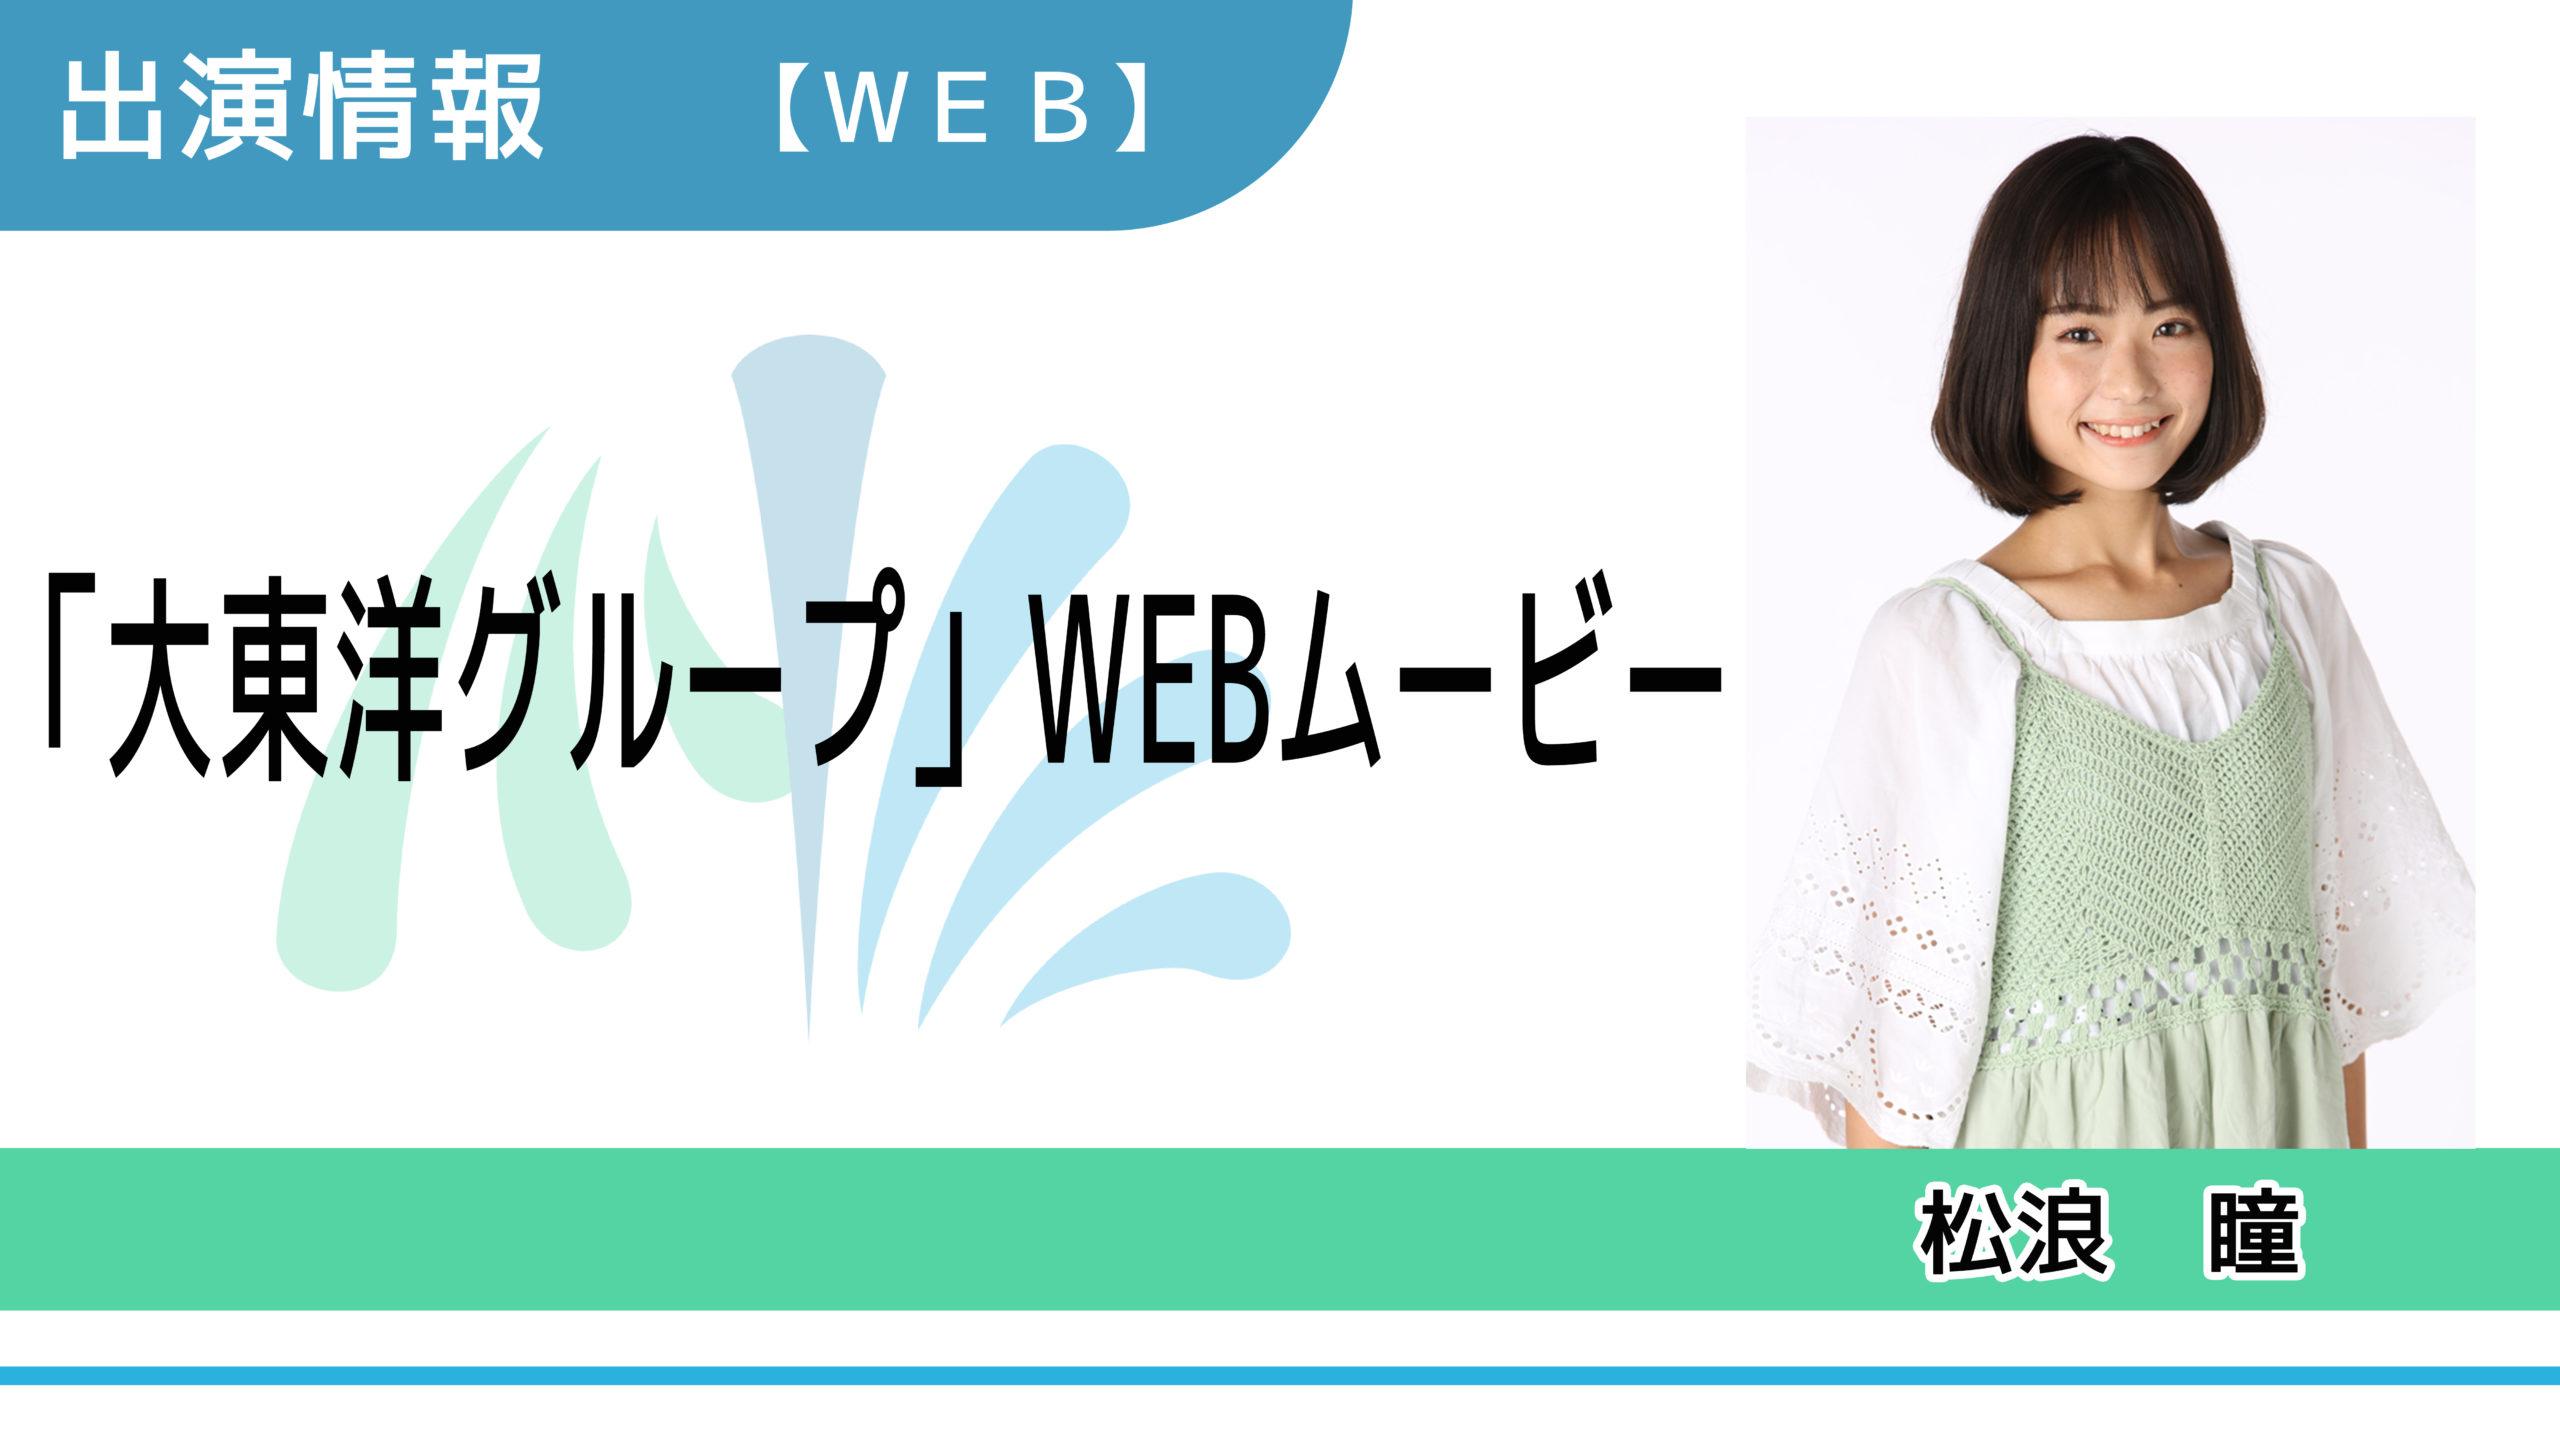 【出演情報】松浪瞳 / 「大東洋グループ」WEBムービー出演